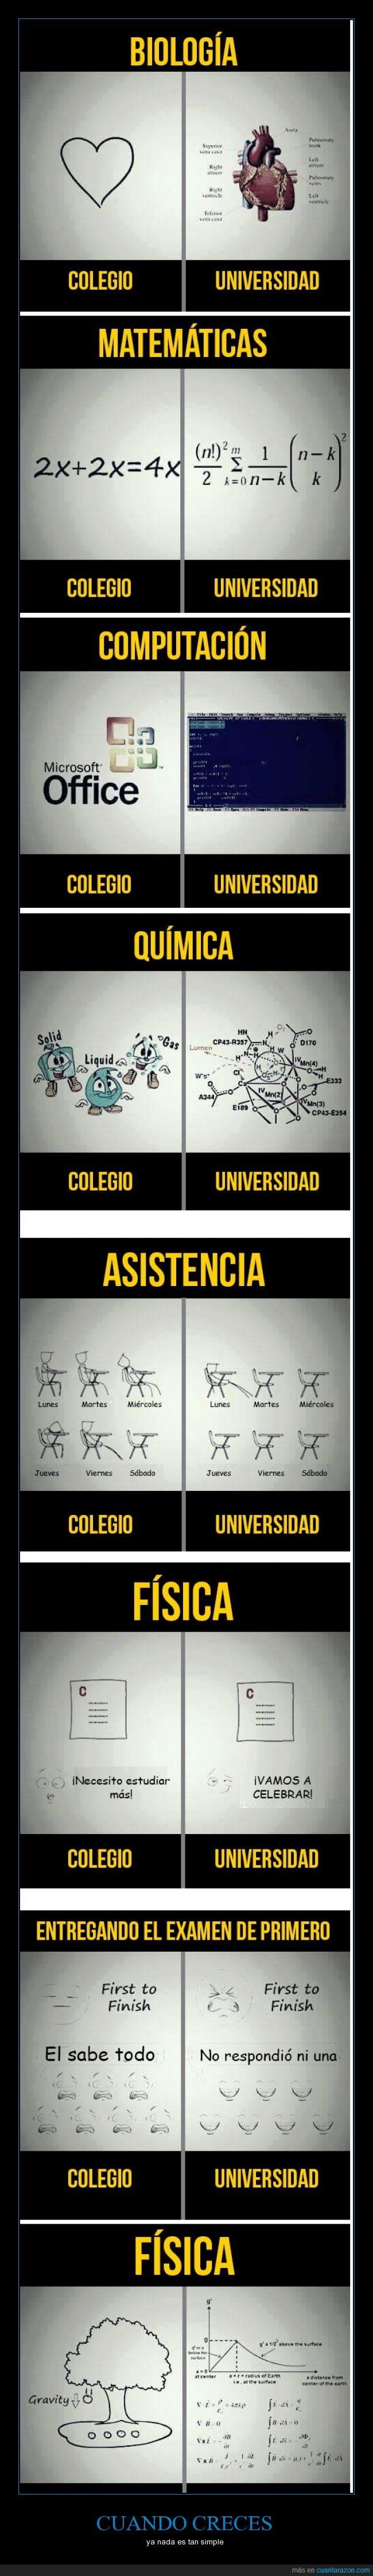 colegio,diferencias,dificil,dificultad,fisica,imposible,matematicas,universidad